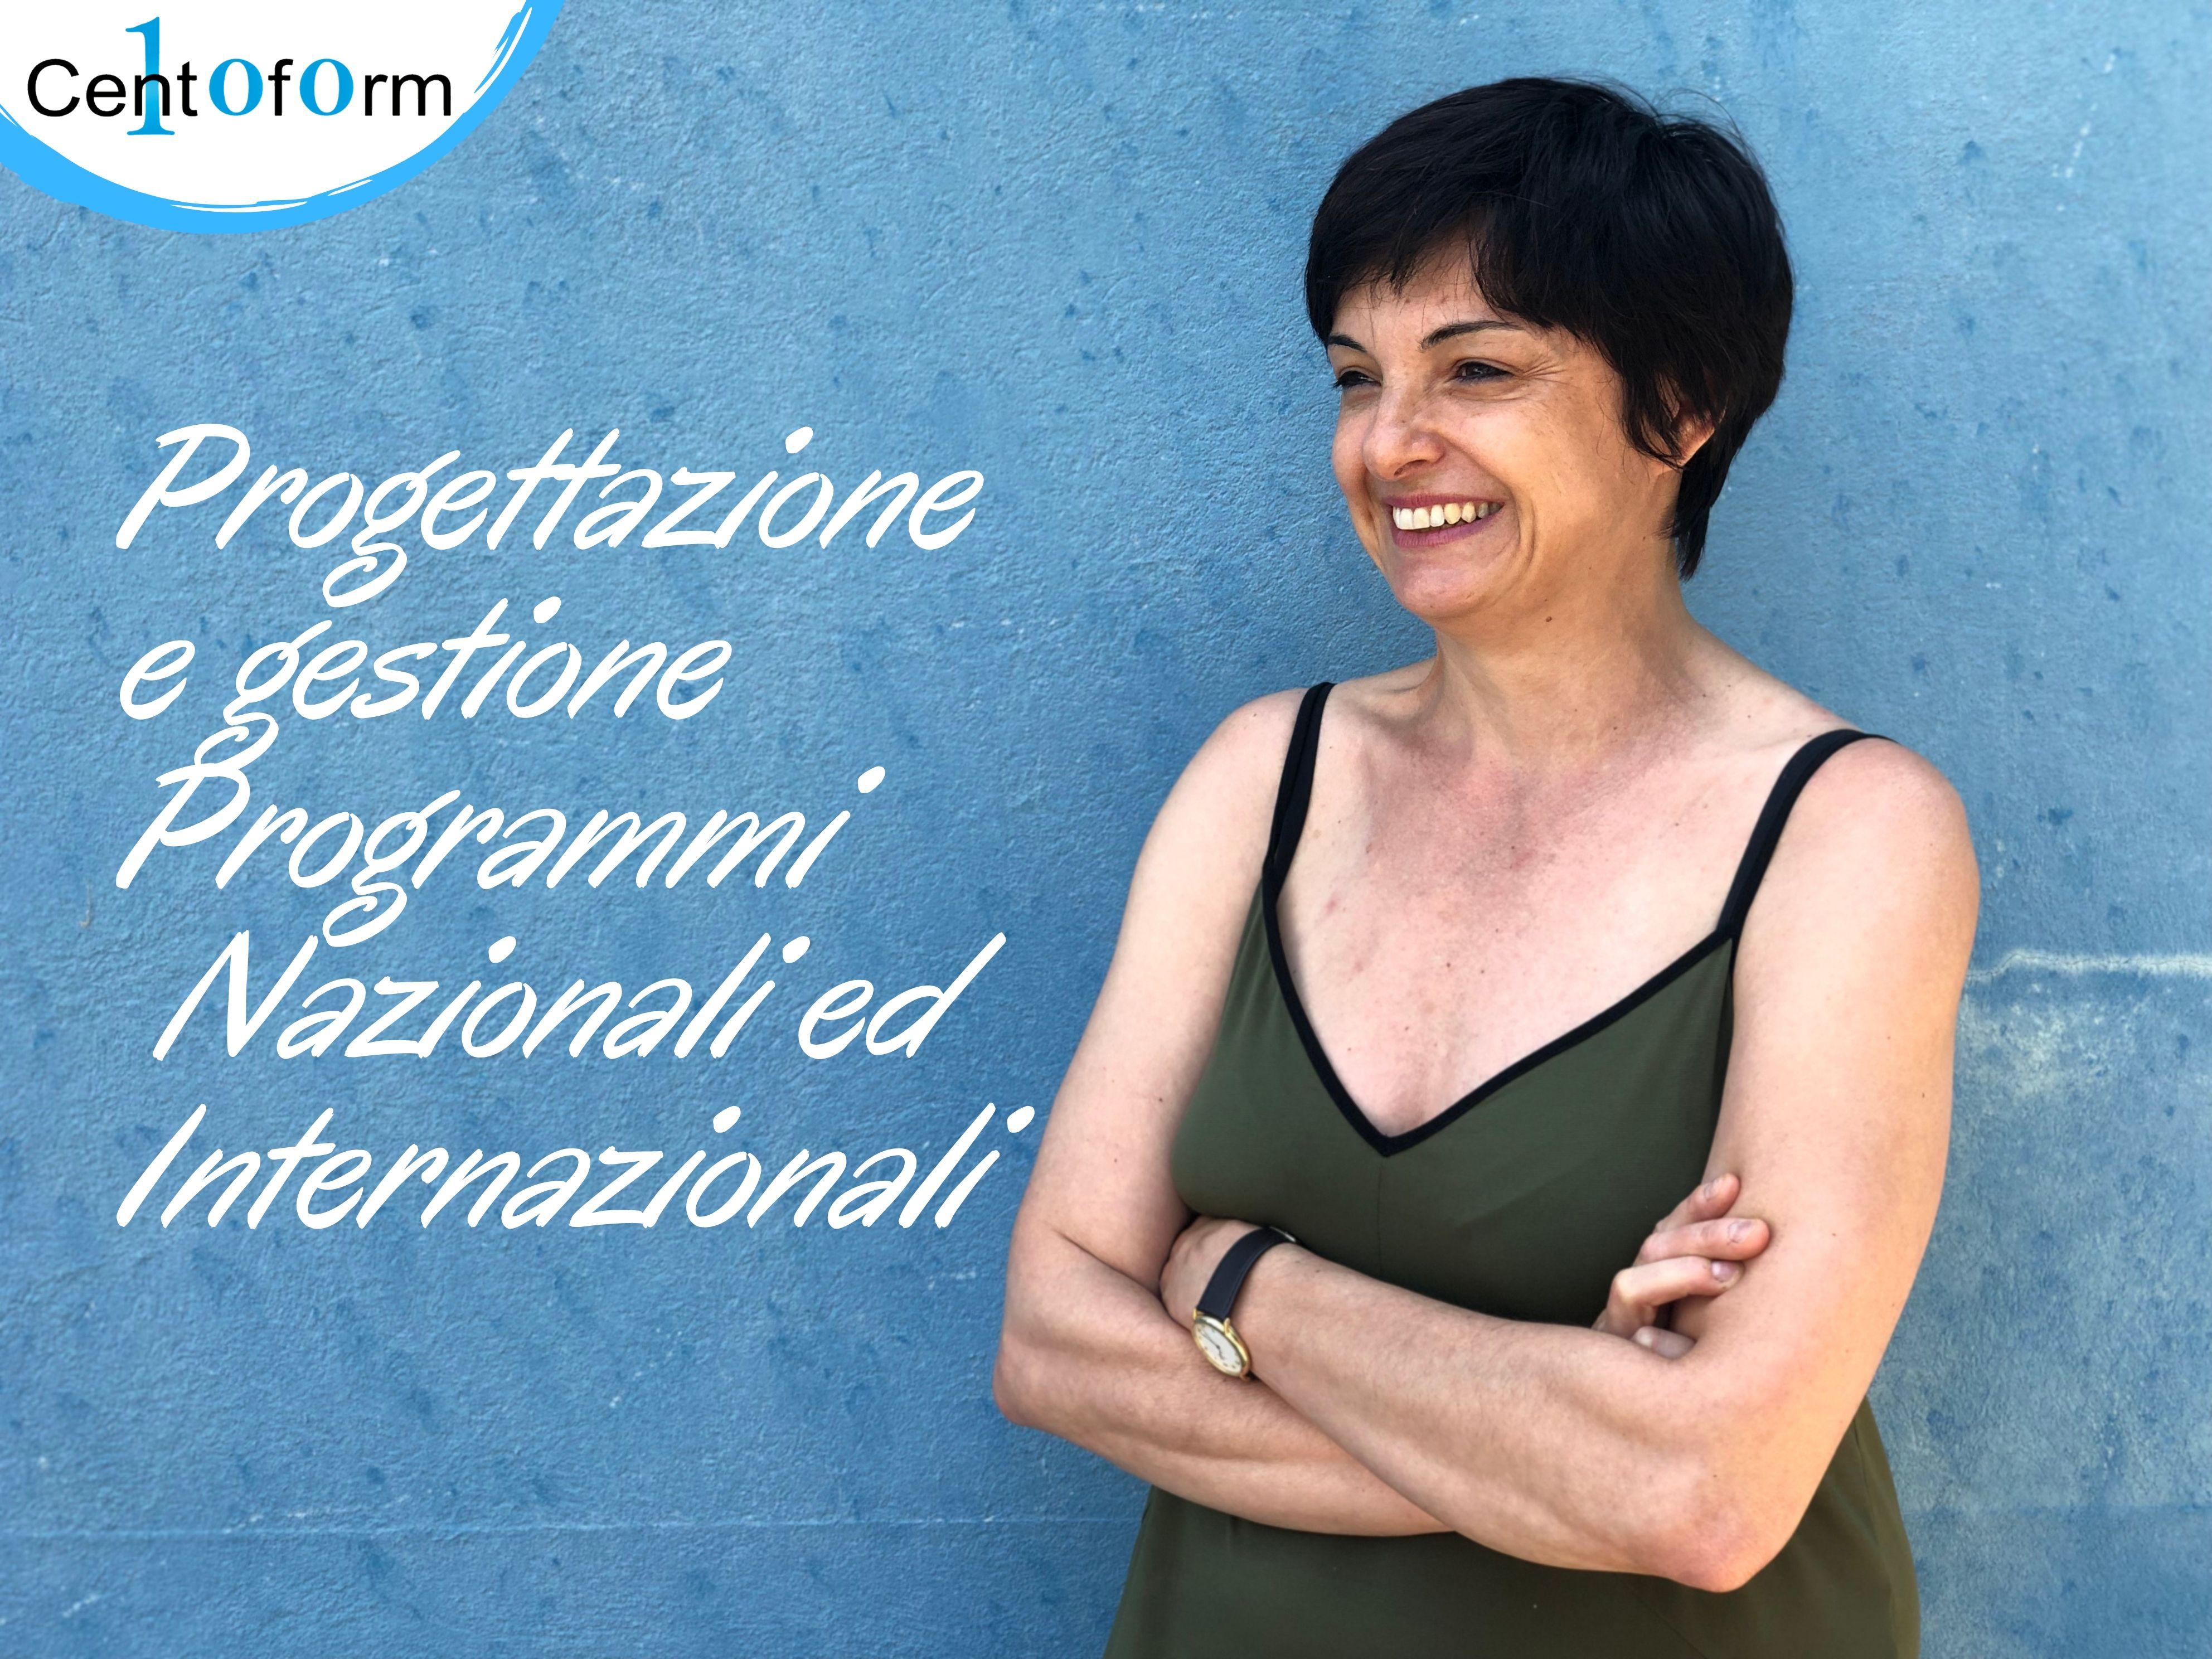 Elena romanini